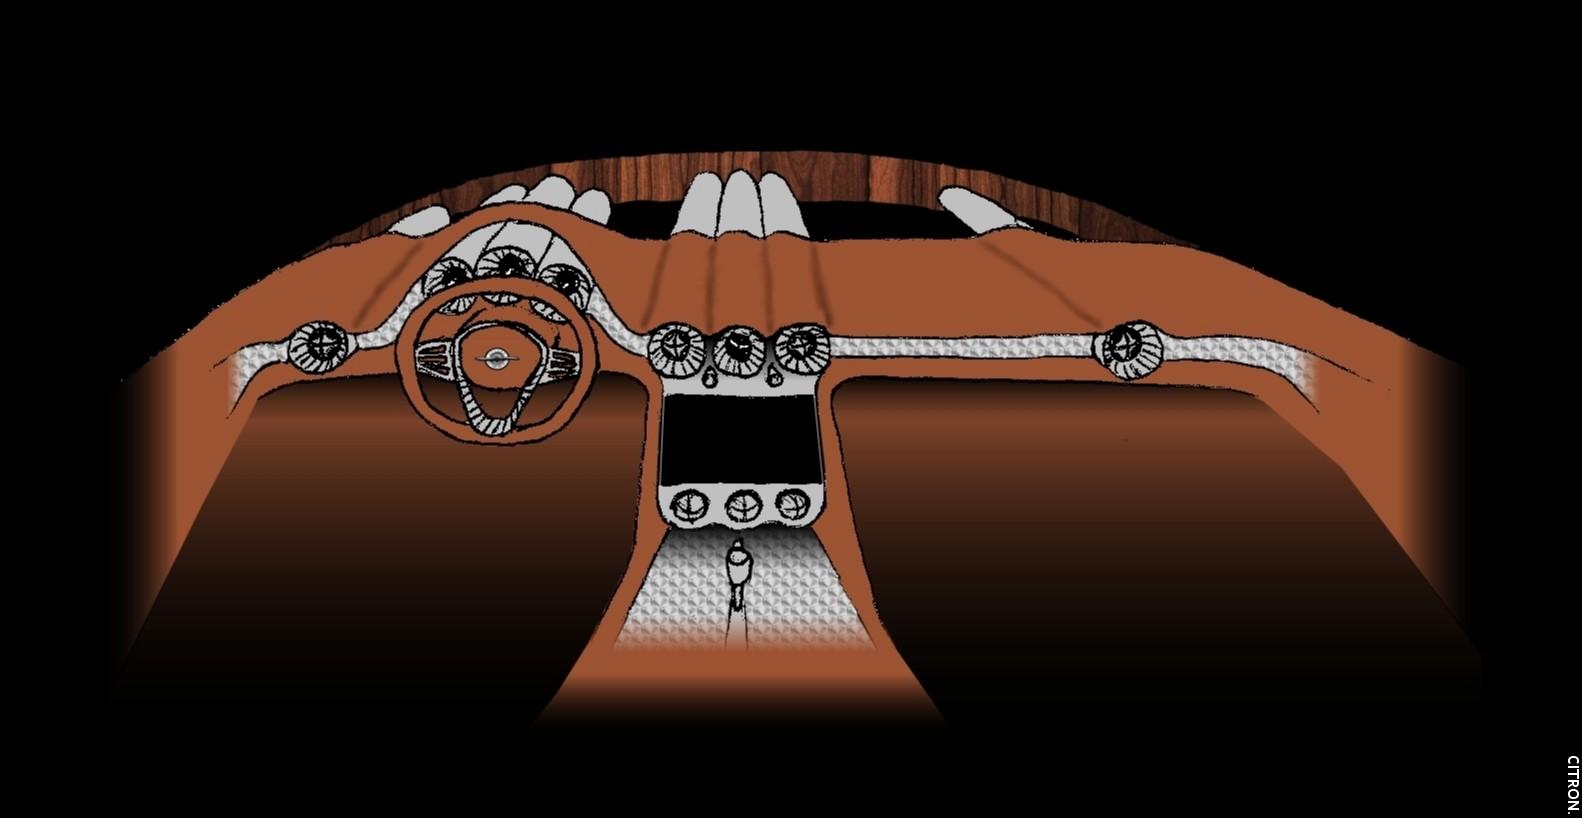 [Votes] Concours de design WS N°8 (résultats p. 2) Spyker12